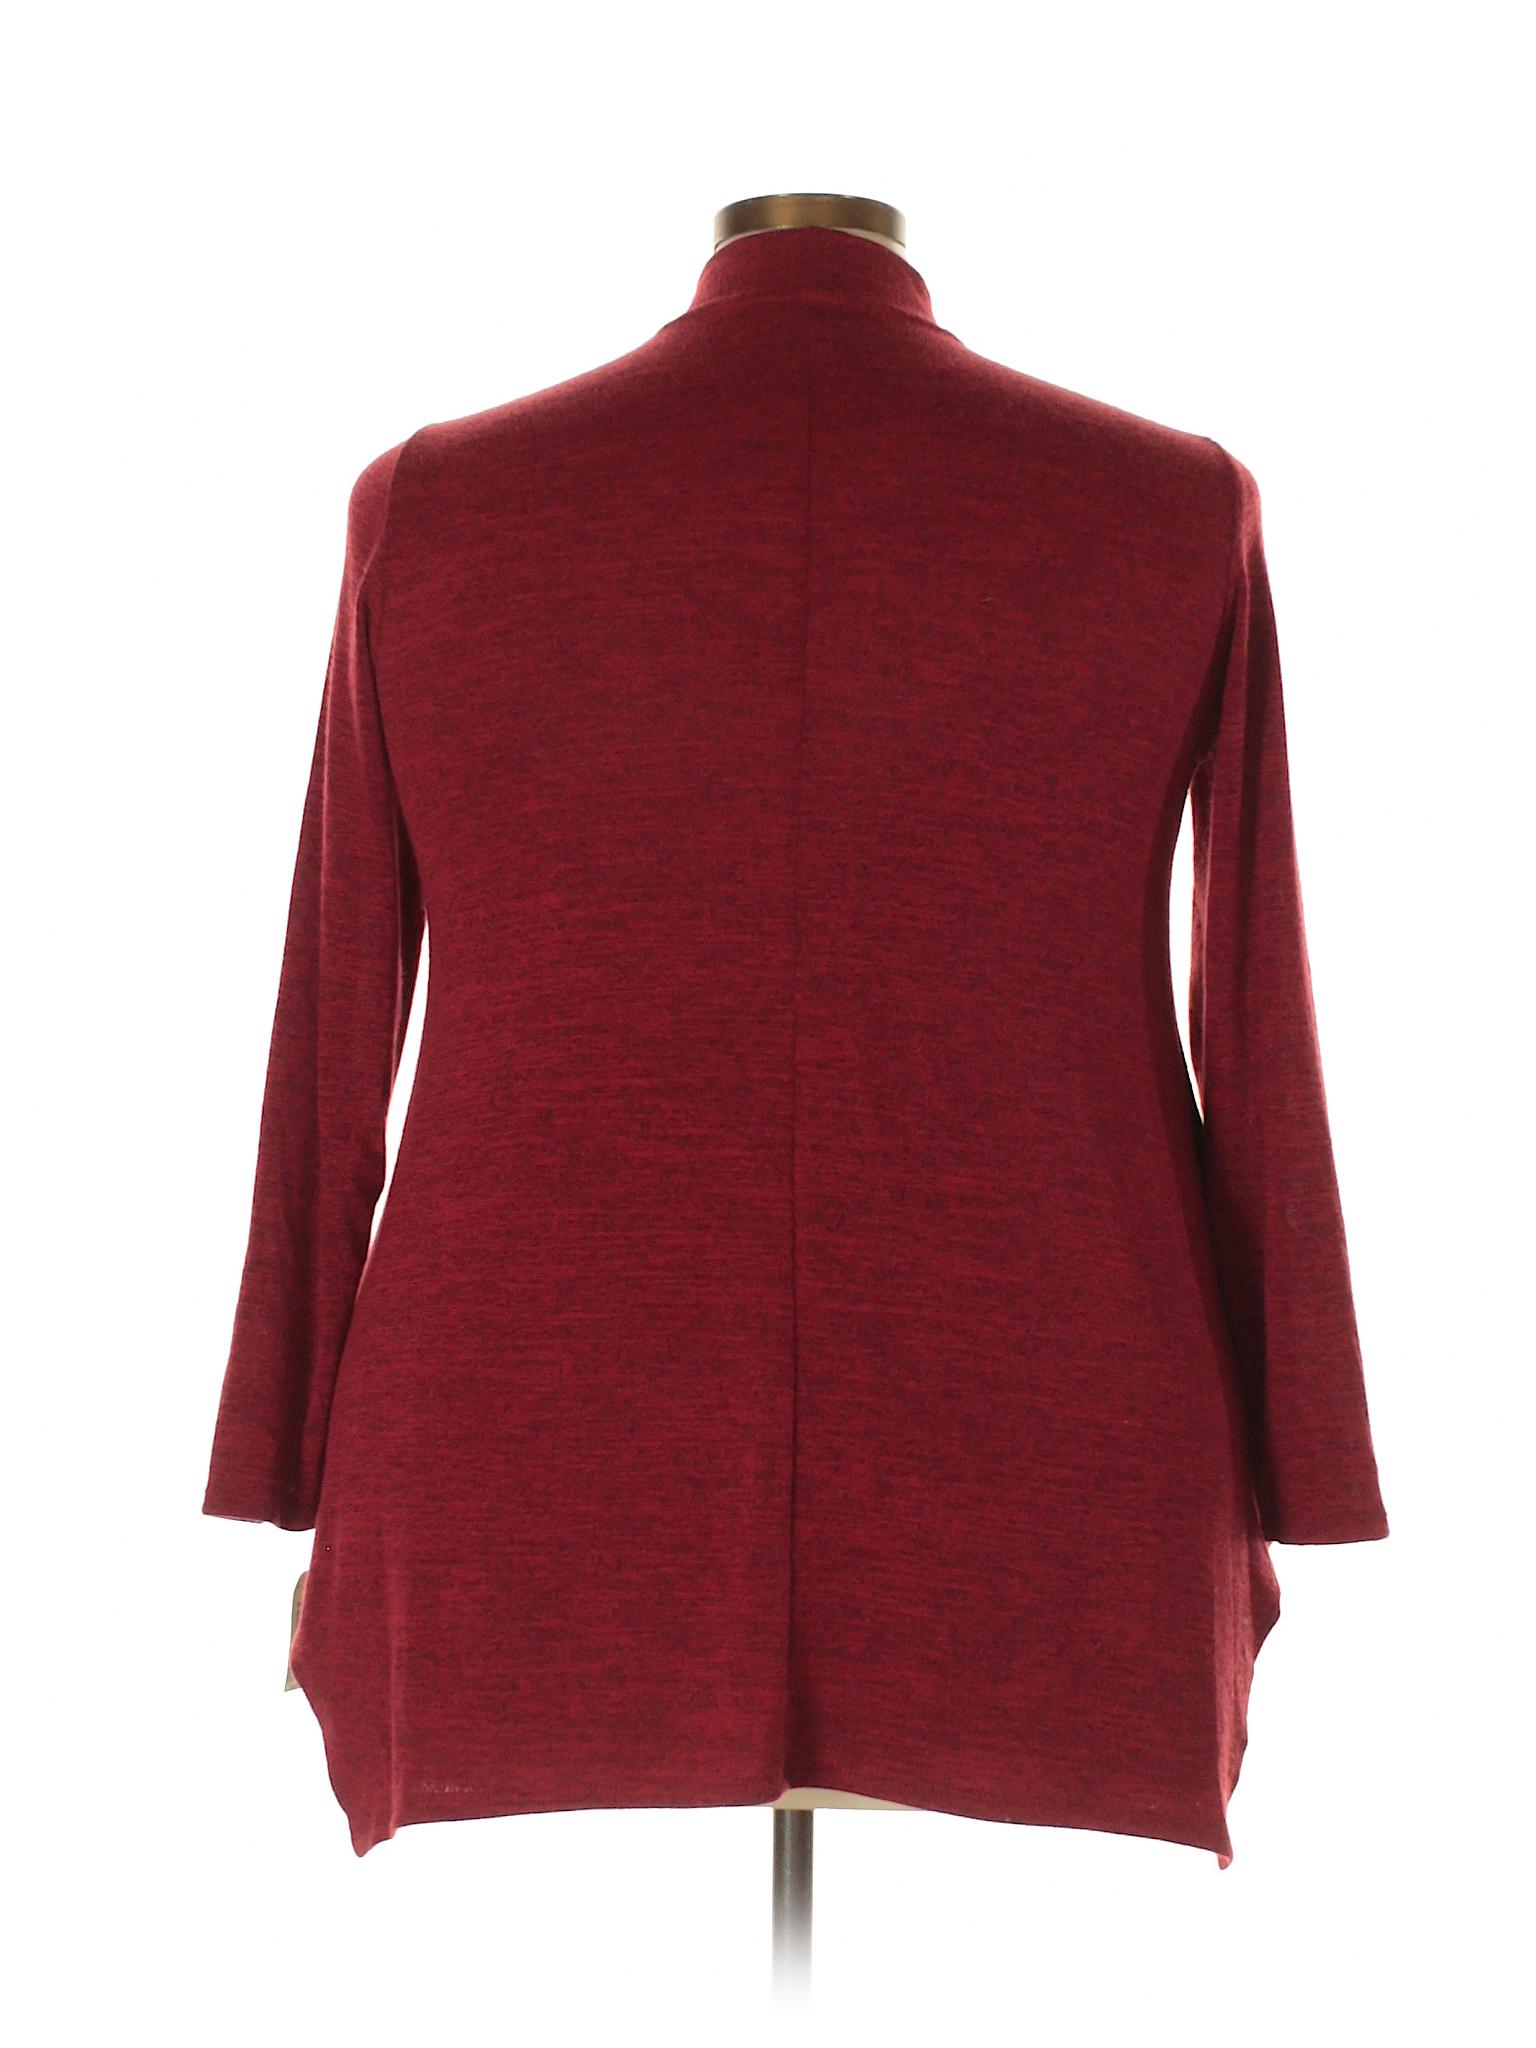 Boutique winter amp;Co Pullover Style Sweater pZpxrBwqC